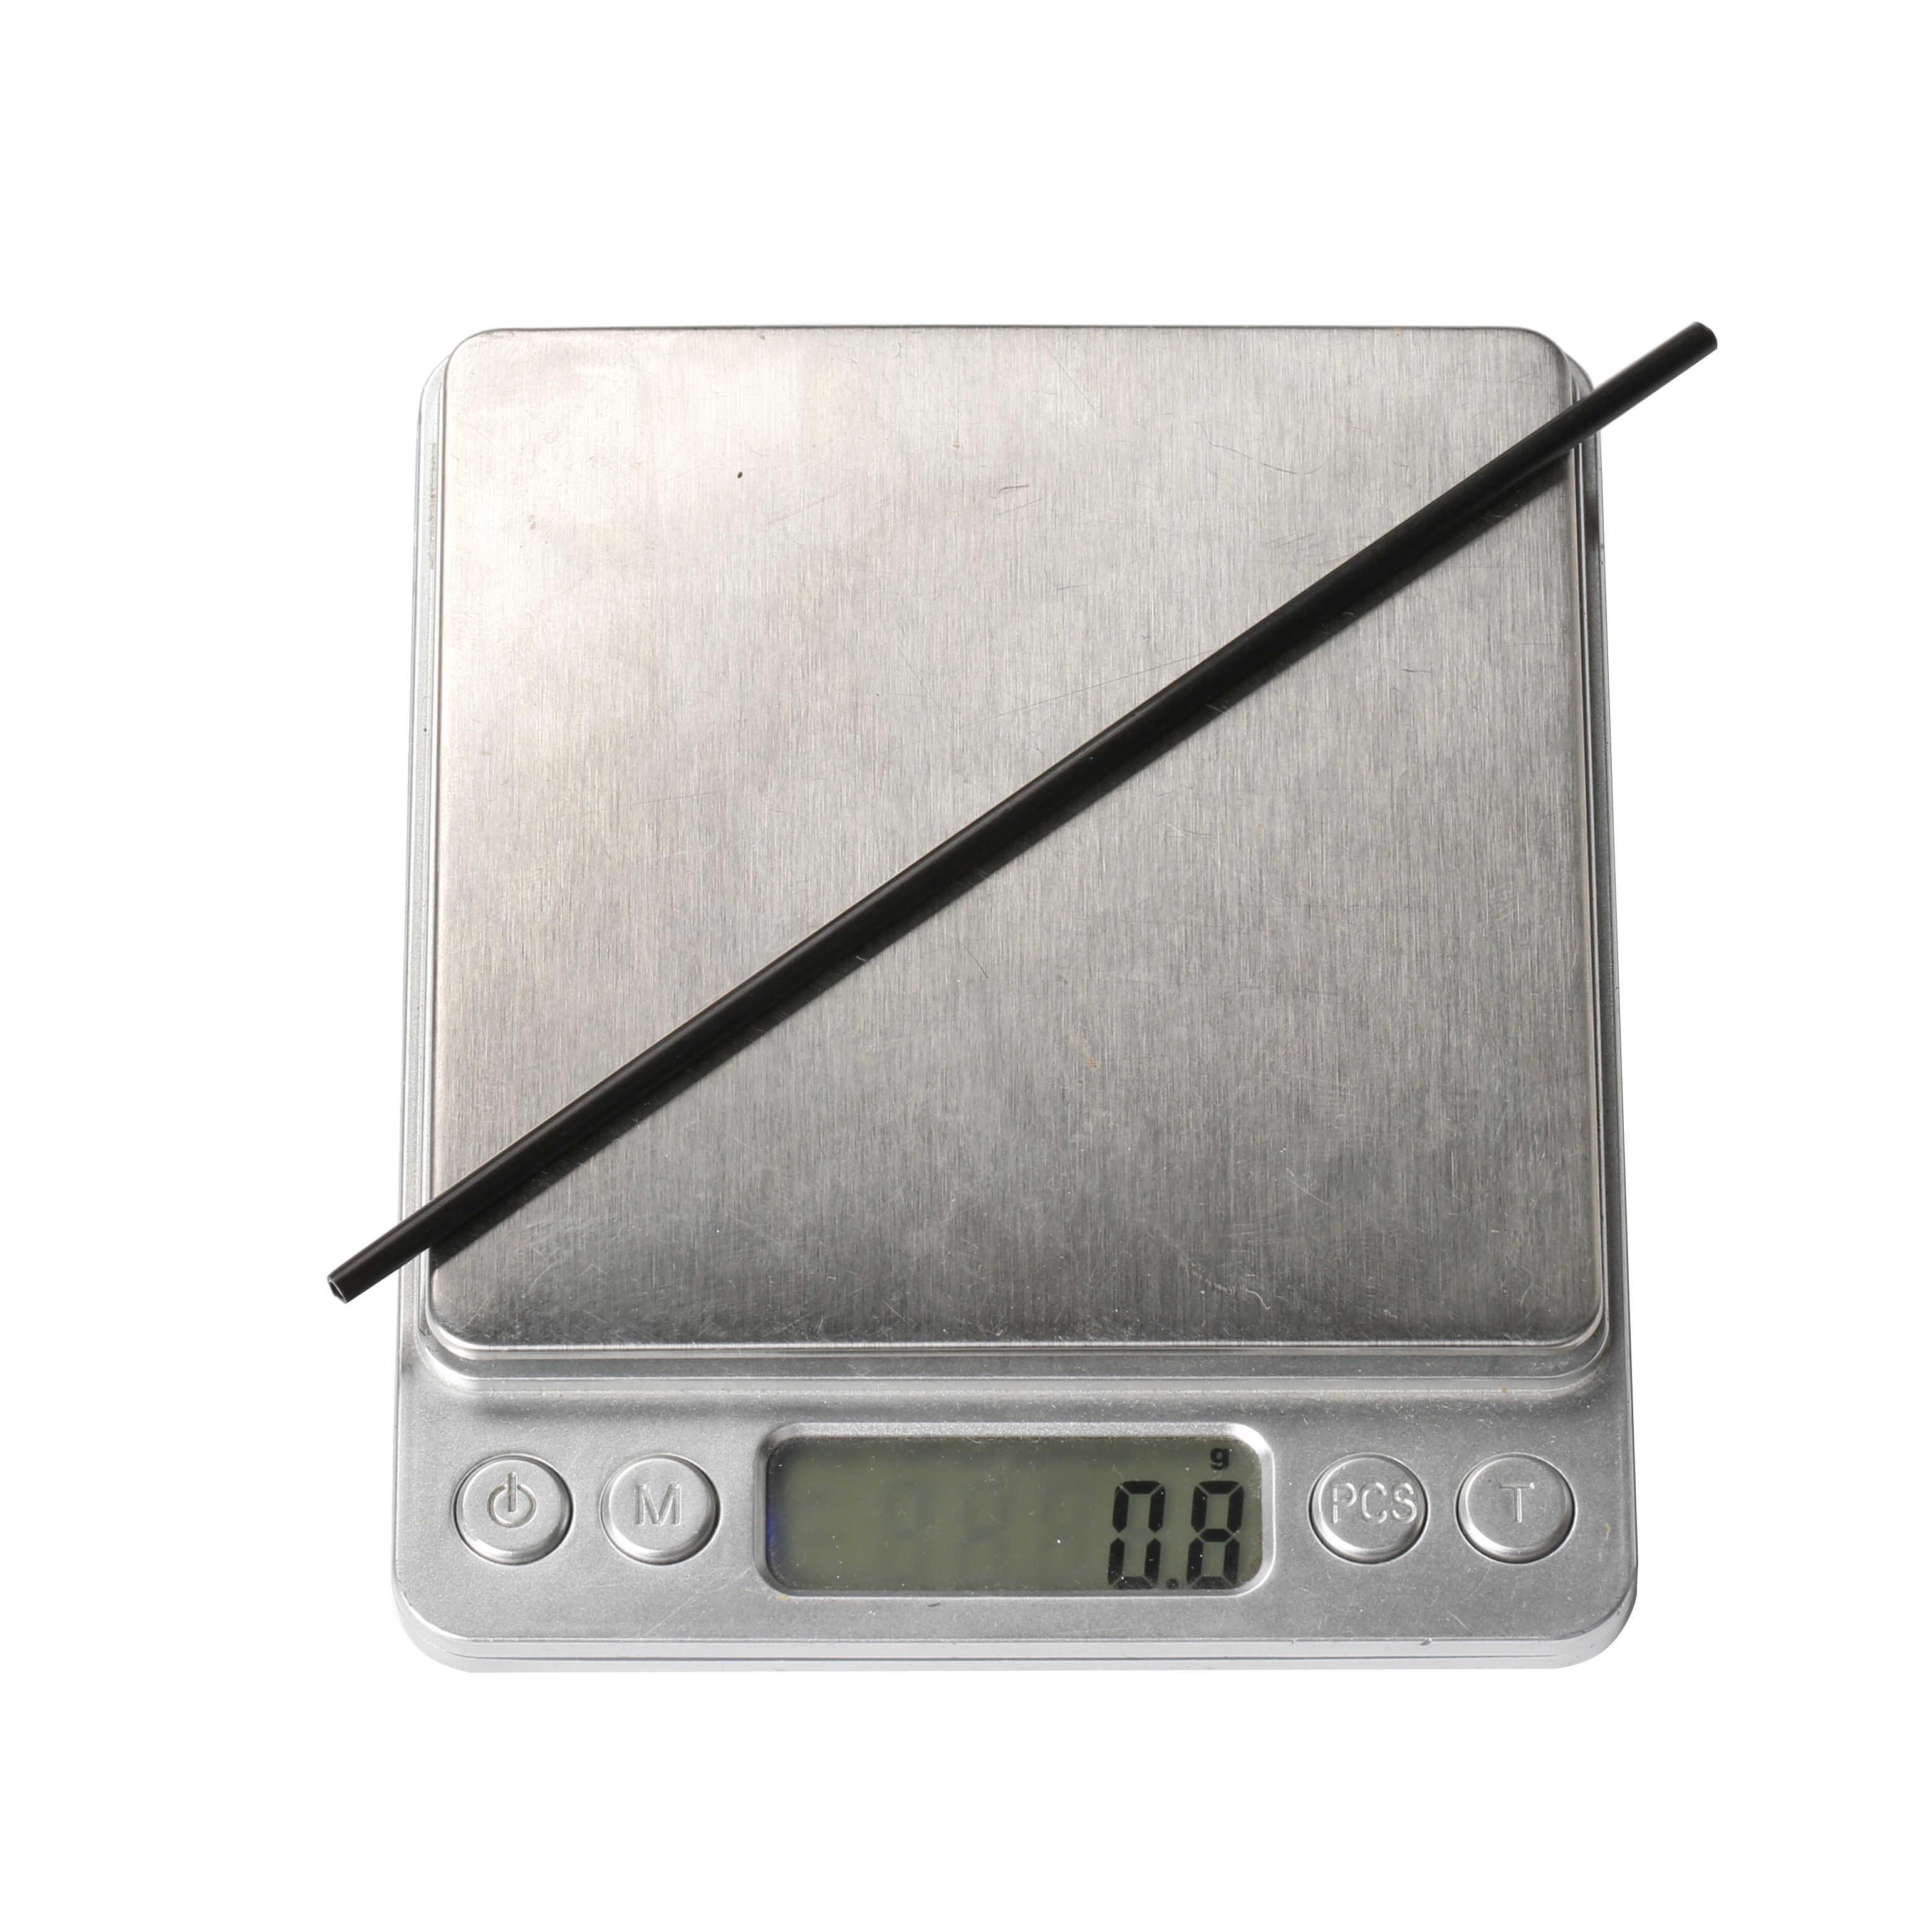 1 PCS 15 cm 3X2mm Receiver Antenna Ống Bảo Vệ Cố Định Ống Che Chắn Ống